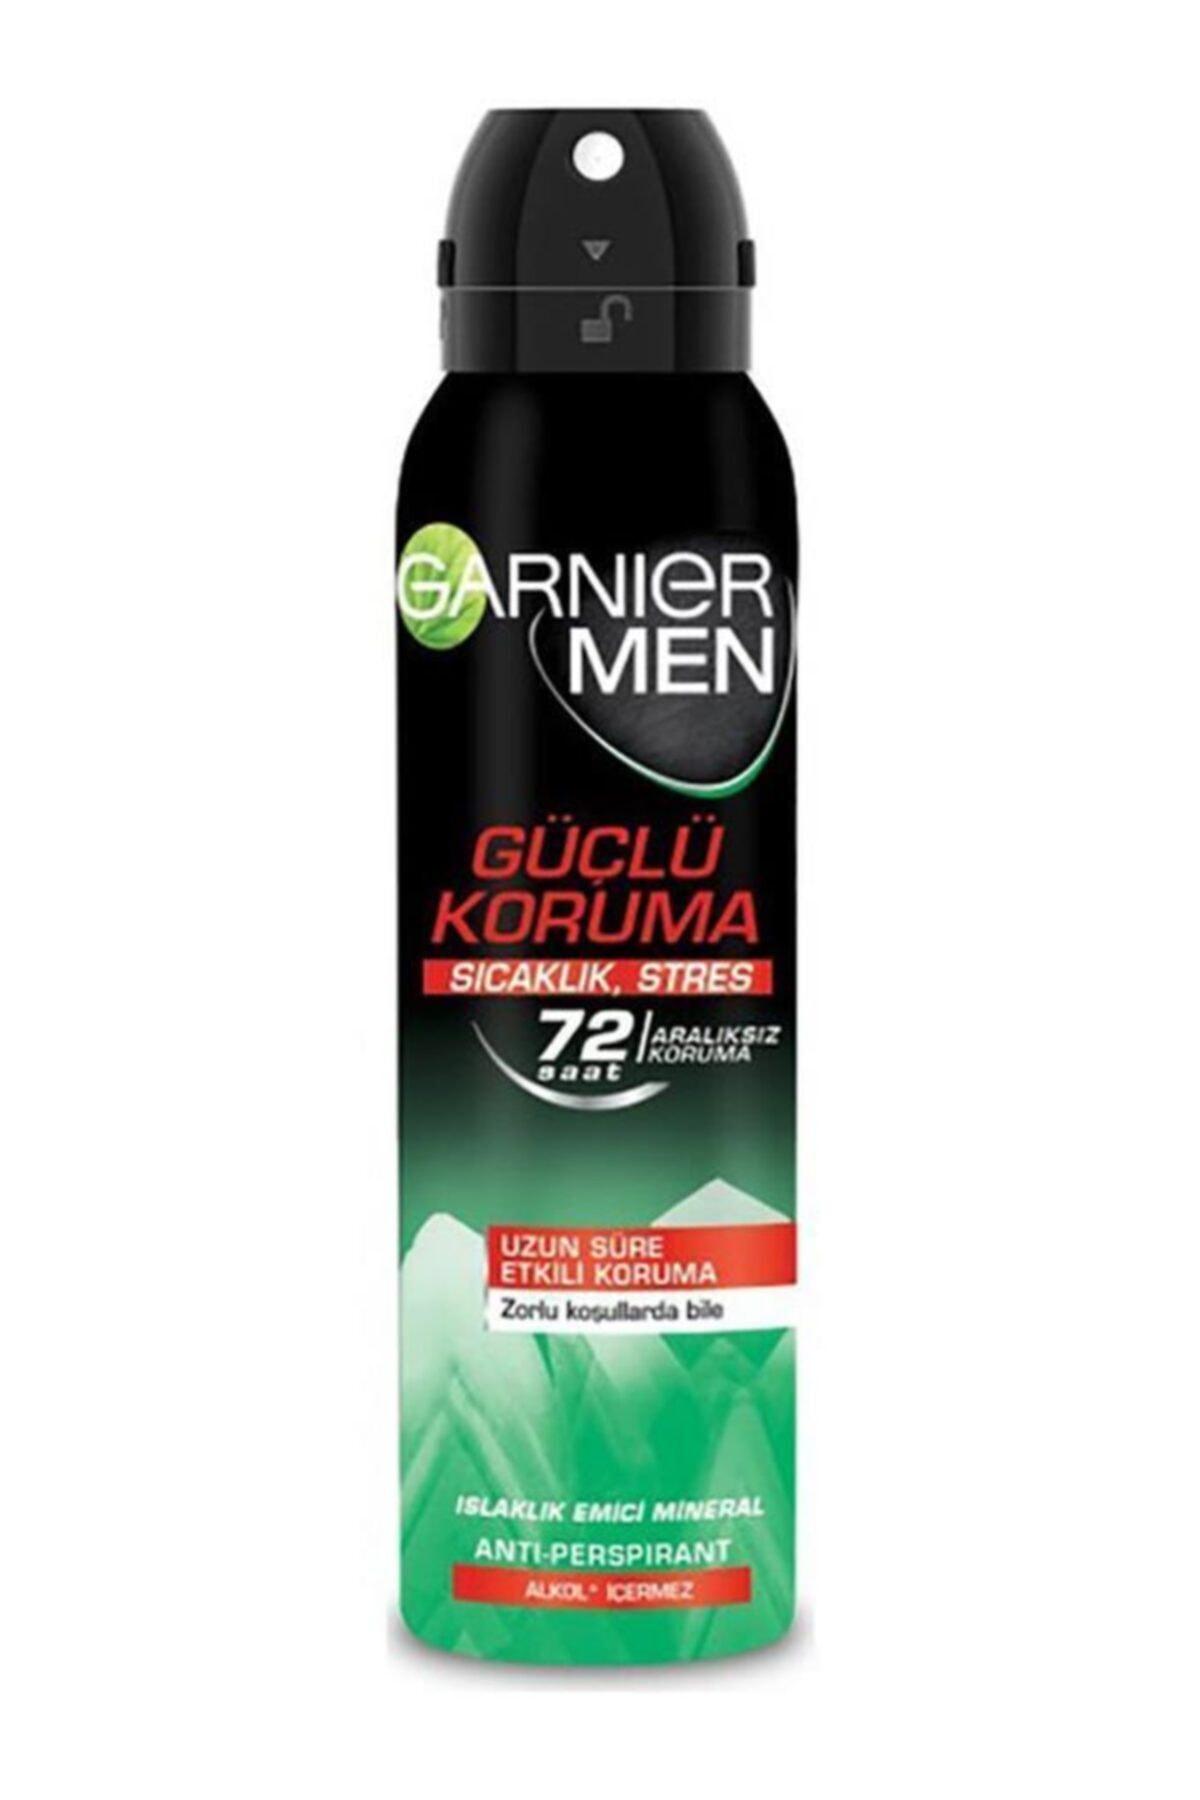 Garnier Güçlü Koruma Deodorant 150 ml 1